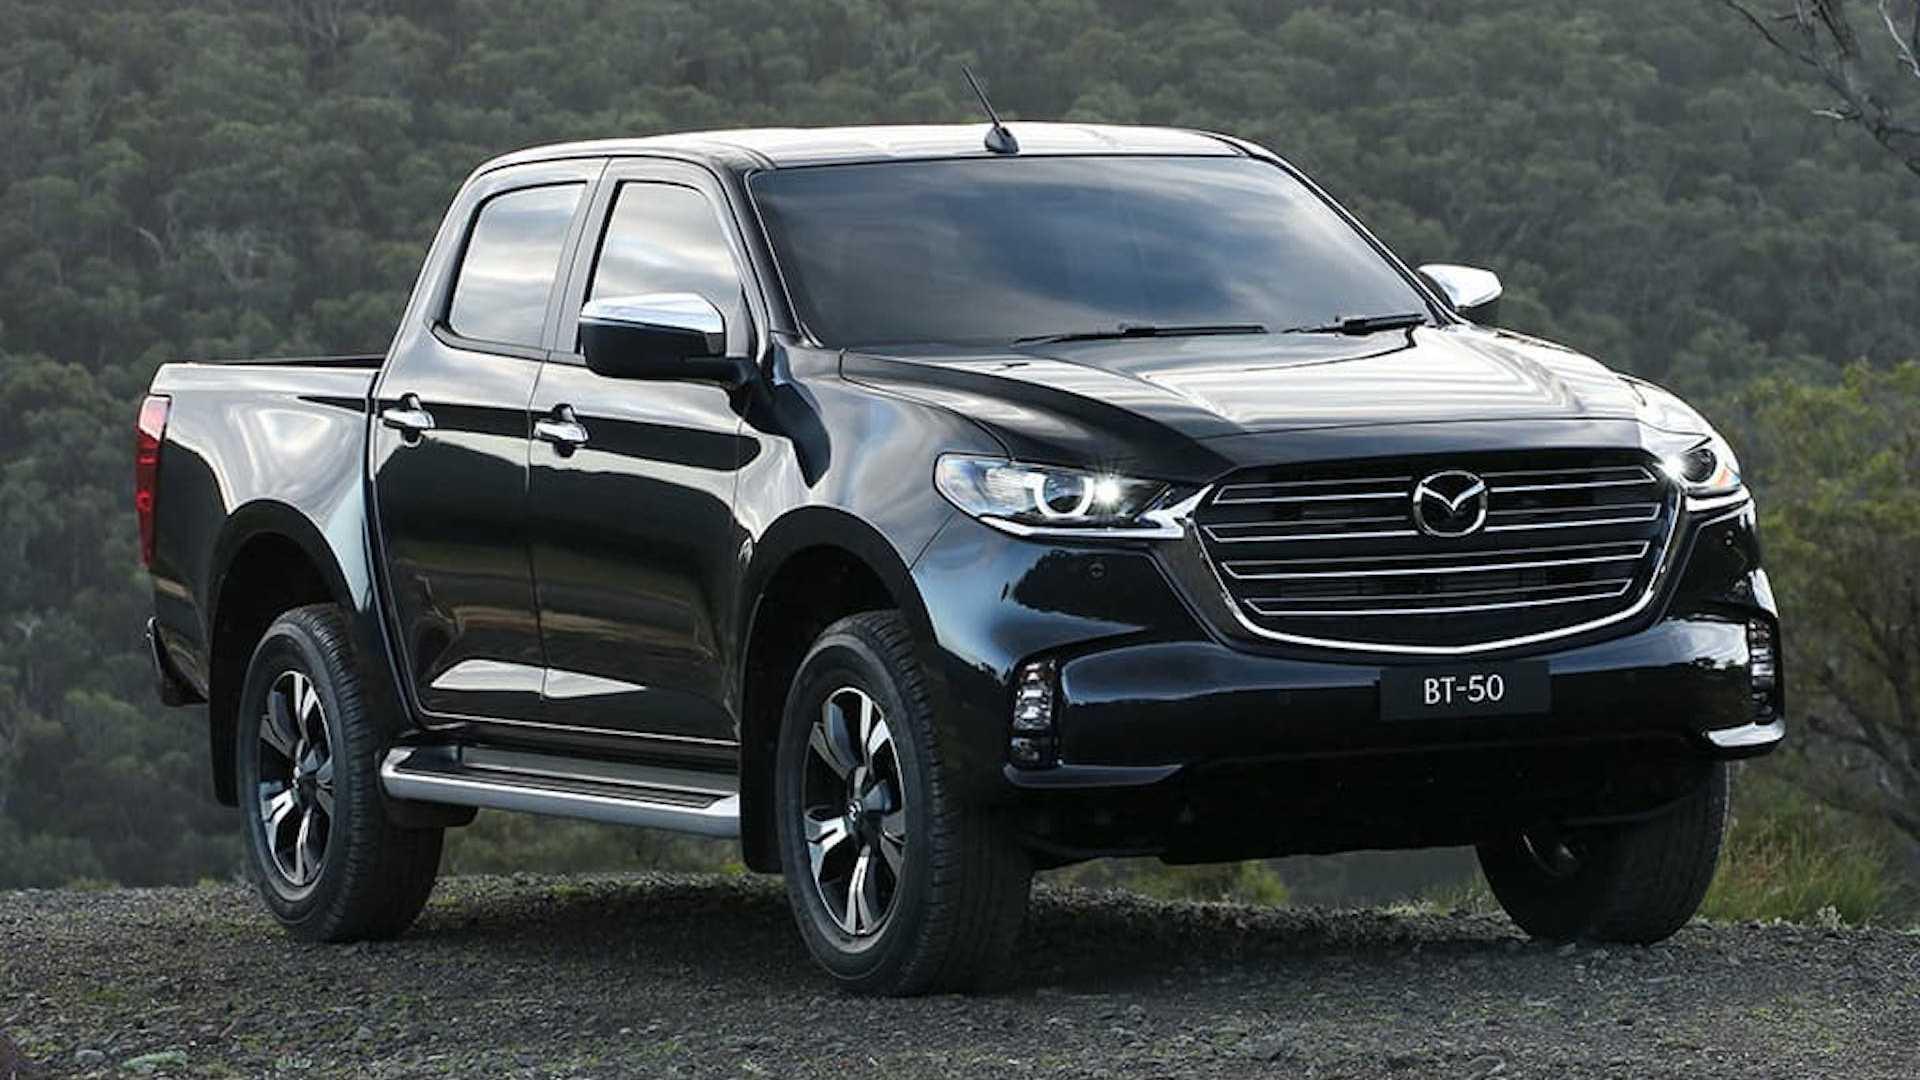 Kelebihan Mazda Bt Spesifikasi